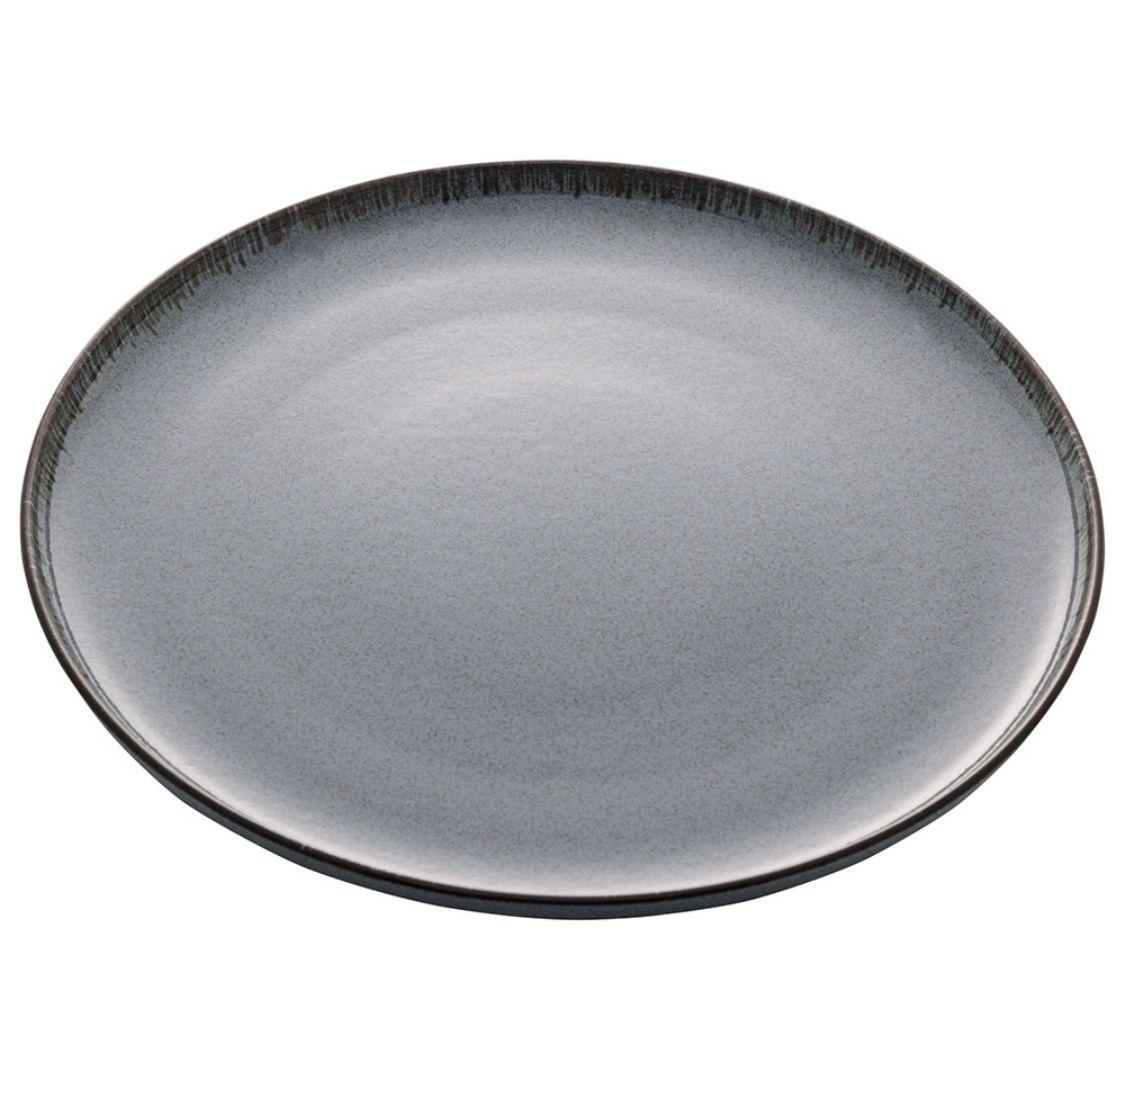 Prato de Sobremesa Reactive Azul 19cm